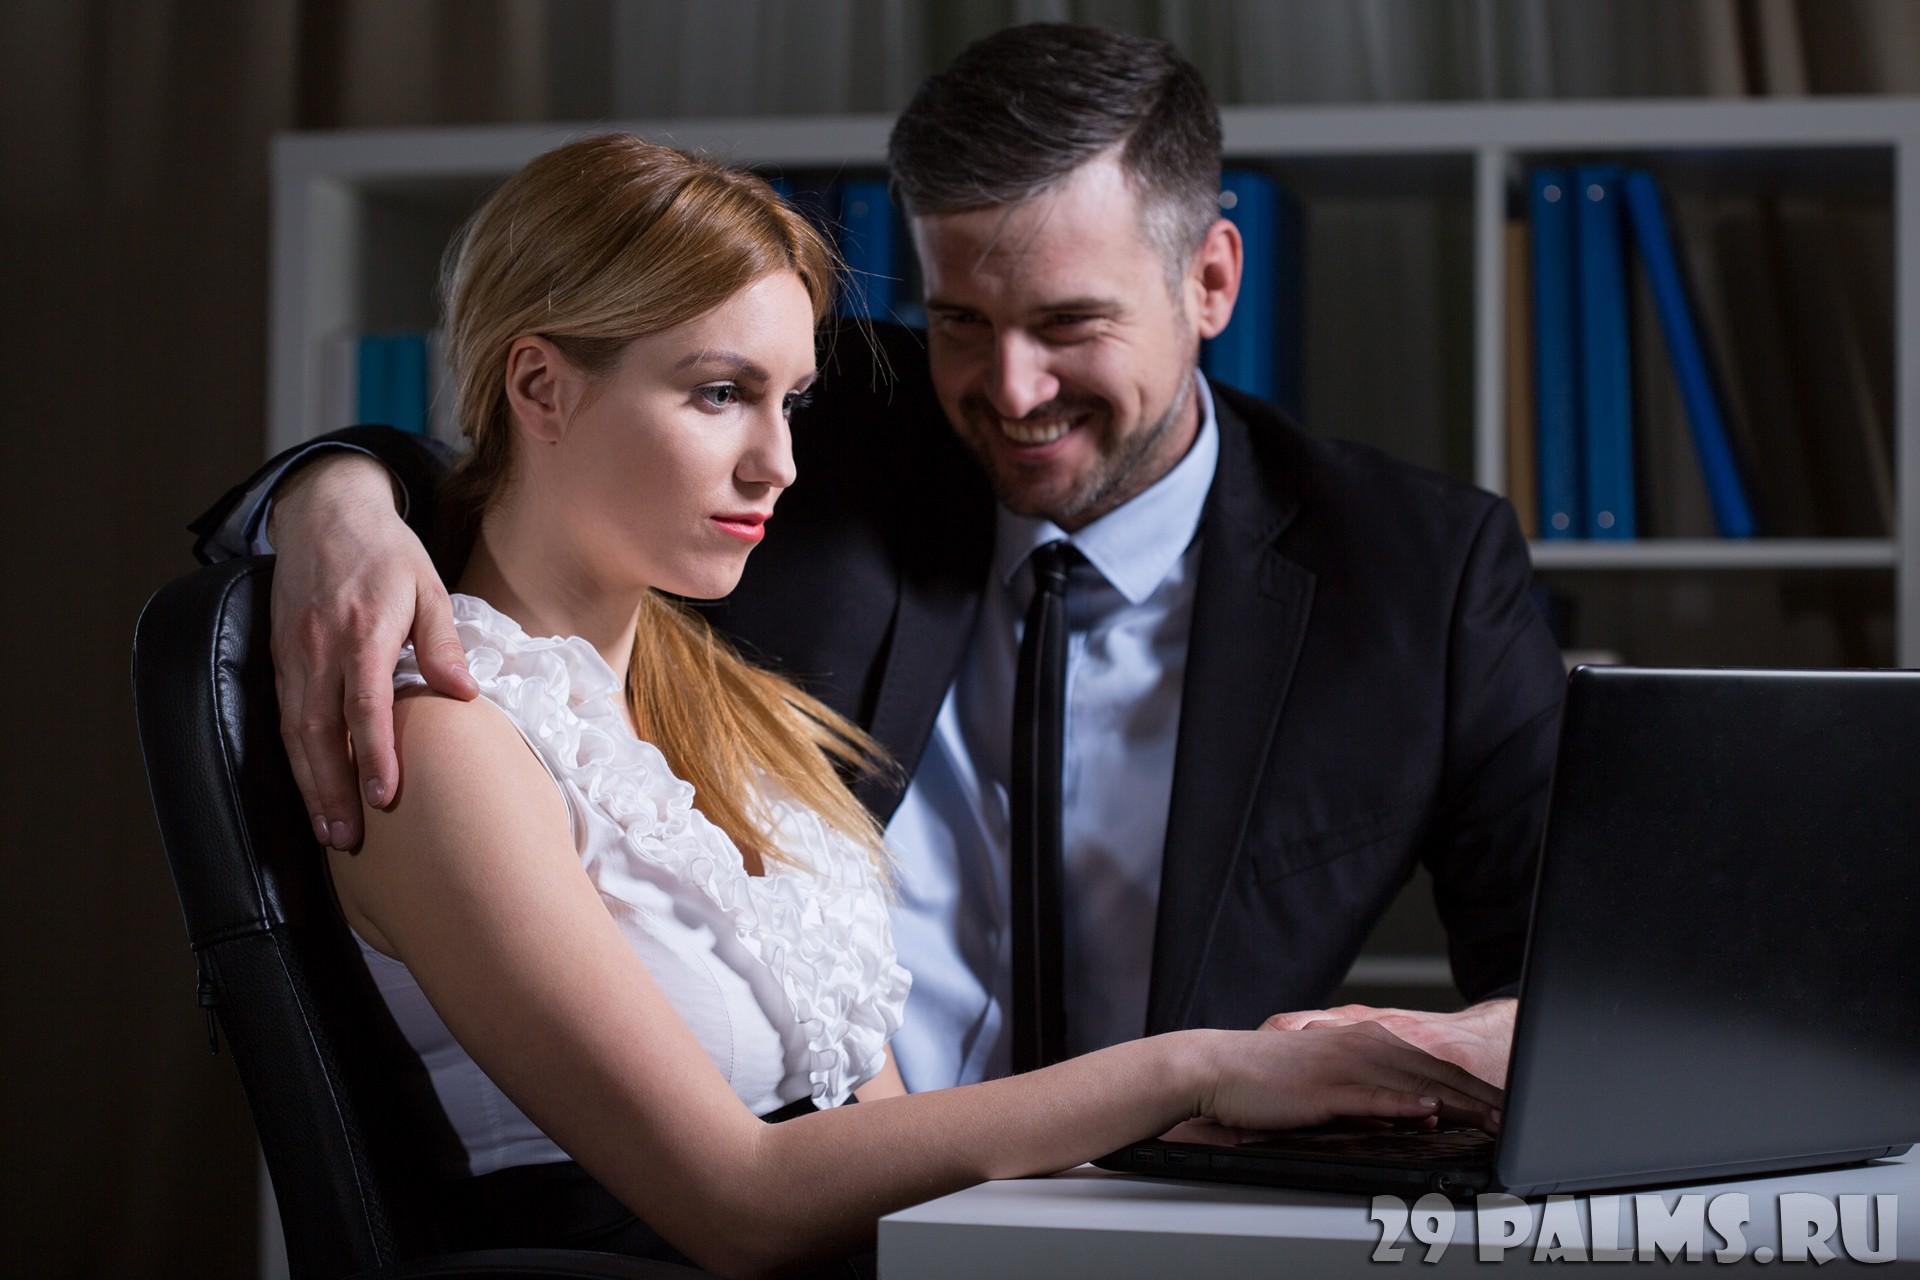 Рассказ шеф и секретарша, Лариса Маркиянова. Секретарша босс (рассказ) 4 фотография